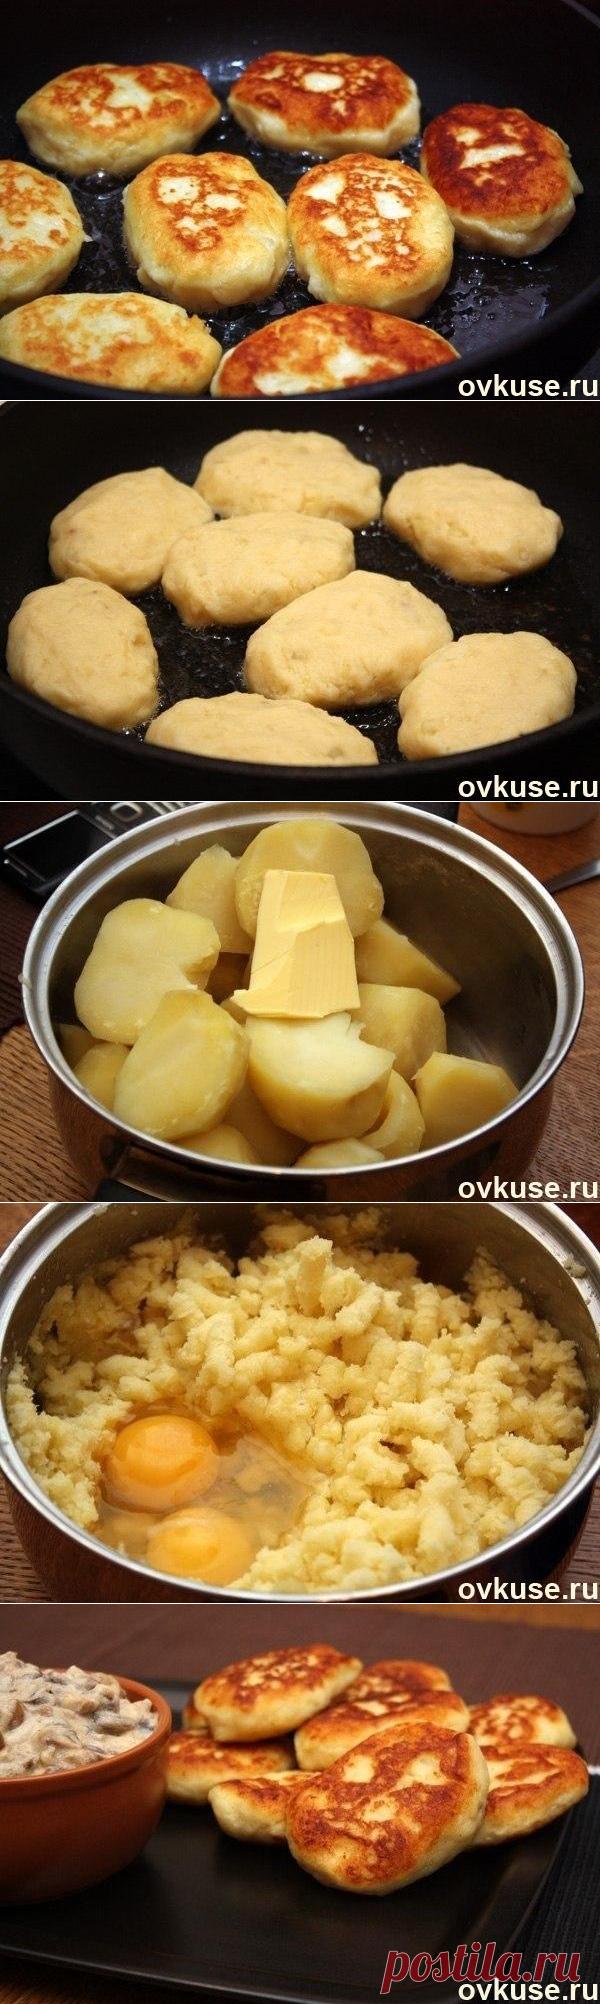 Potato patties - Simple recipes of Овкусе.ру